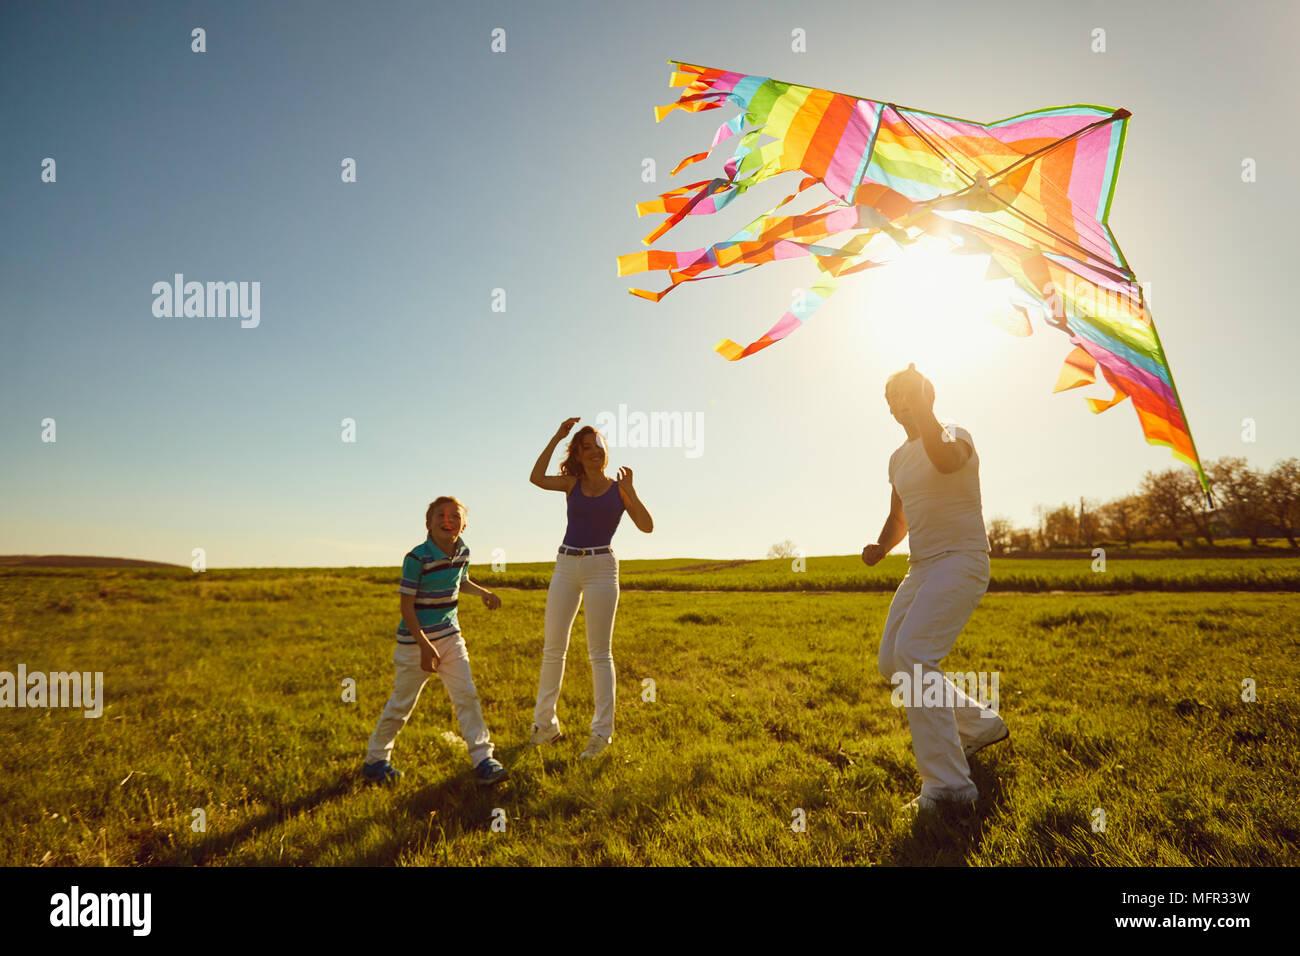 Happy Family spielen mit einem Drachen auf die Natur im Frühling, Sommer. Stockbild